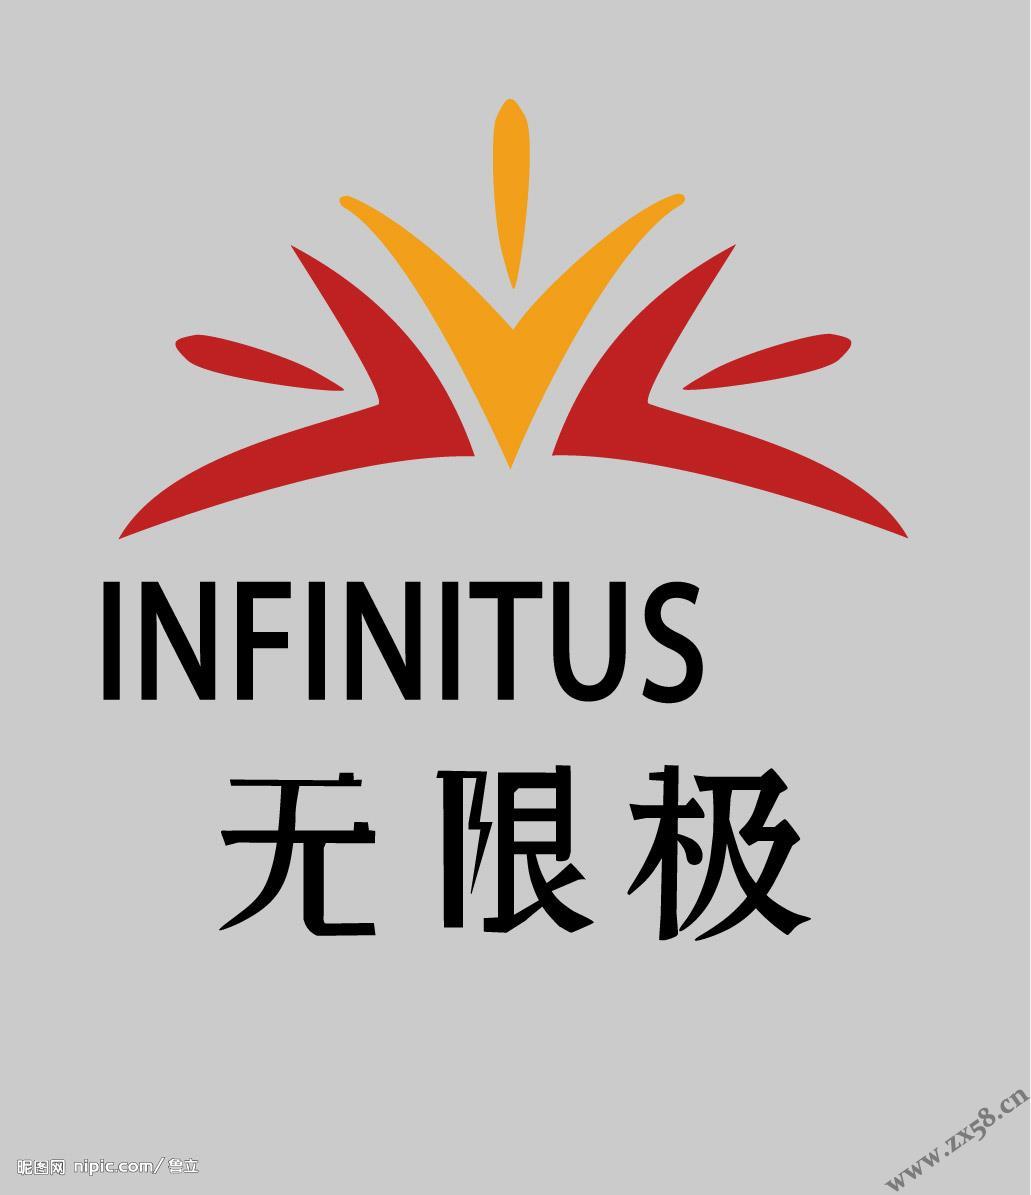 无限极品牌标志